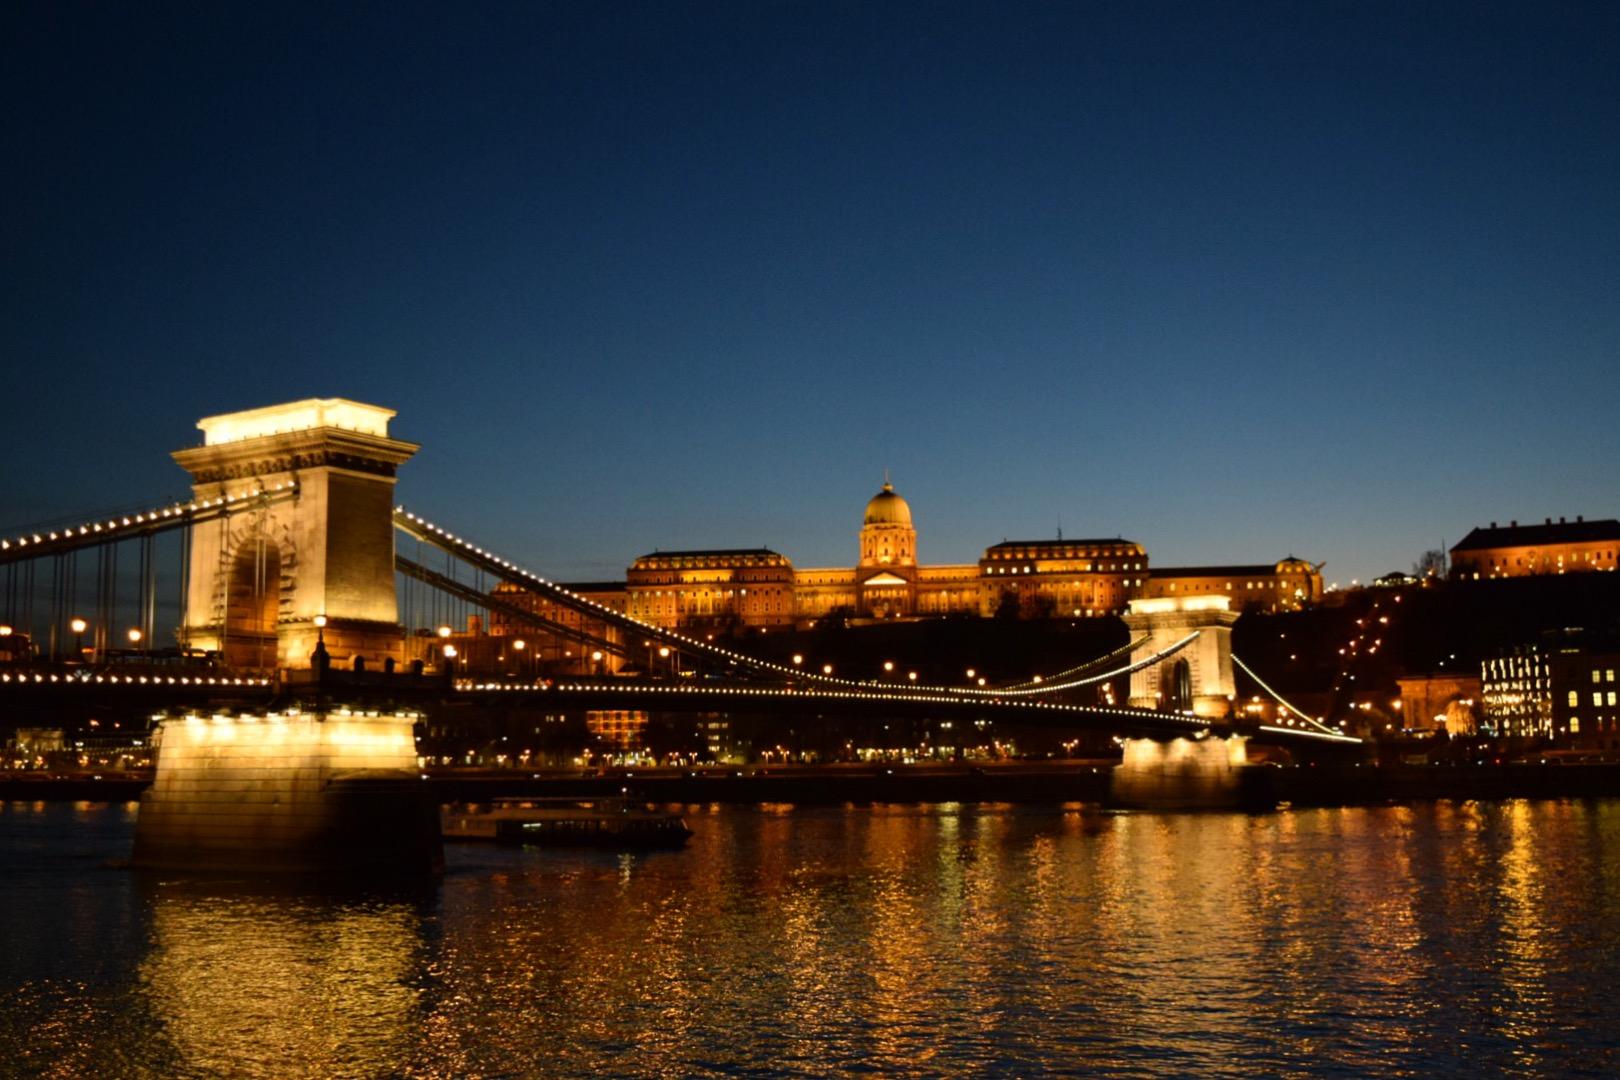 鎖橋と王宮、ドナウ河岸の夜景